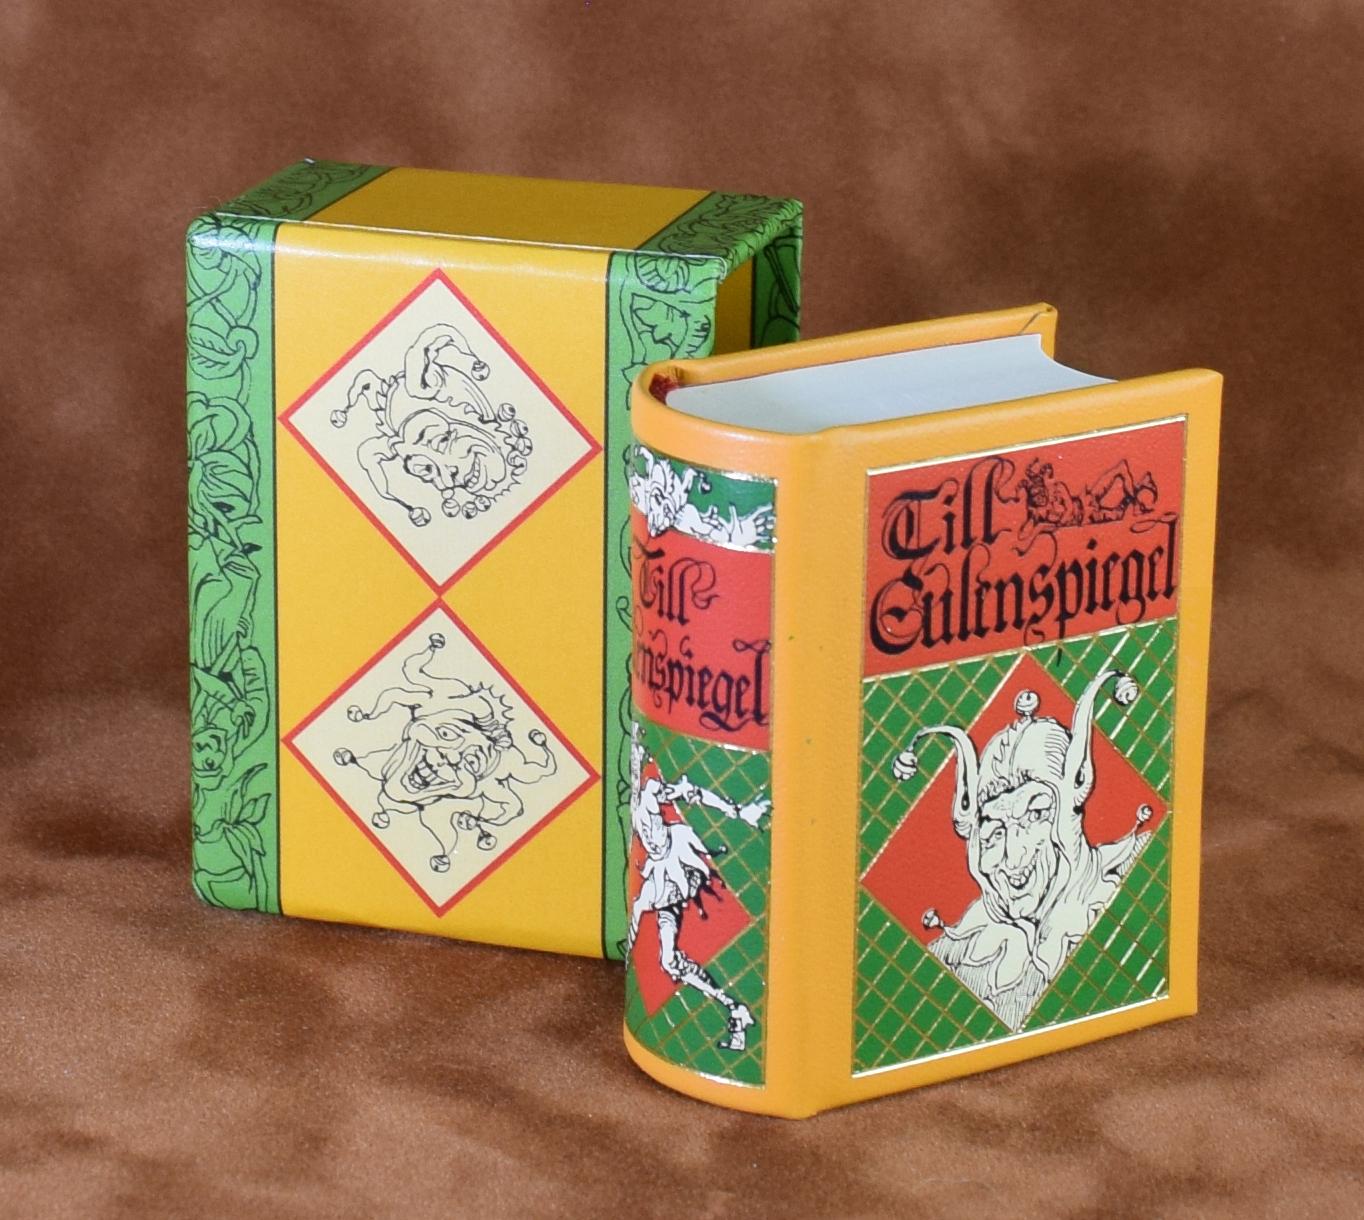 Till Eulenspiegel Prachtausgabe Miniaturbuch Minibuch